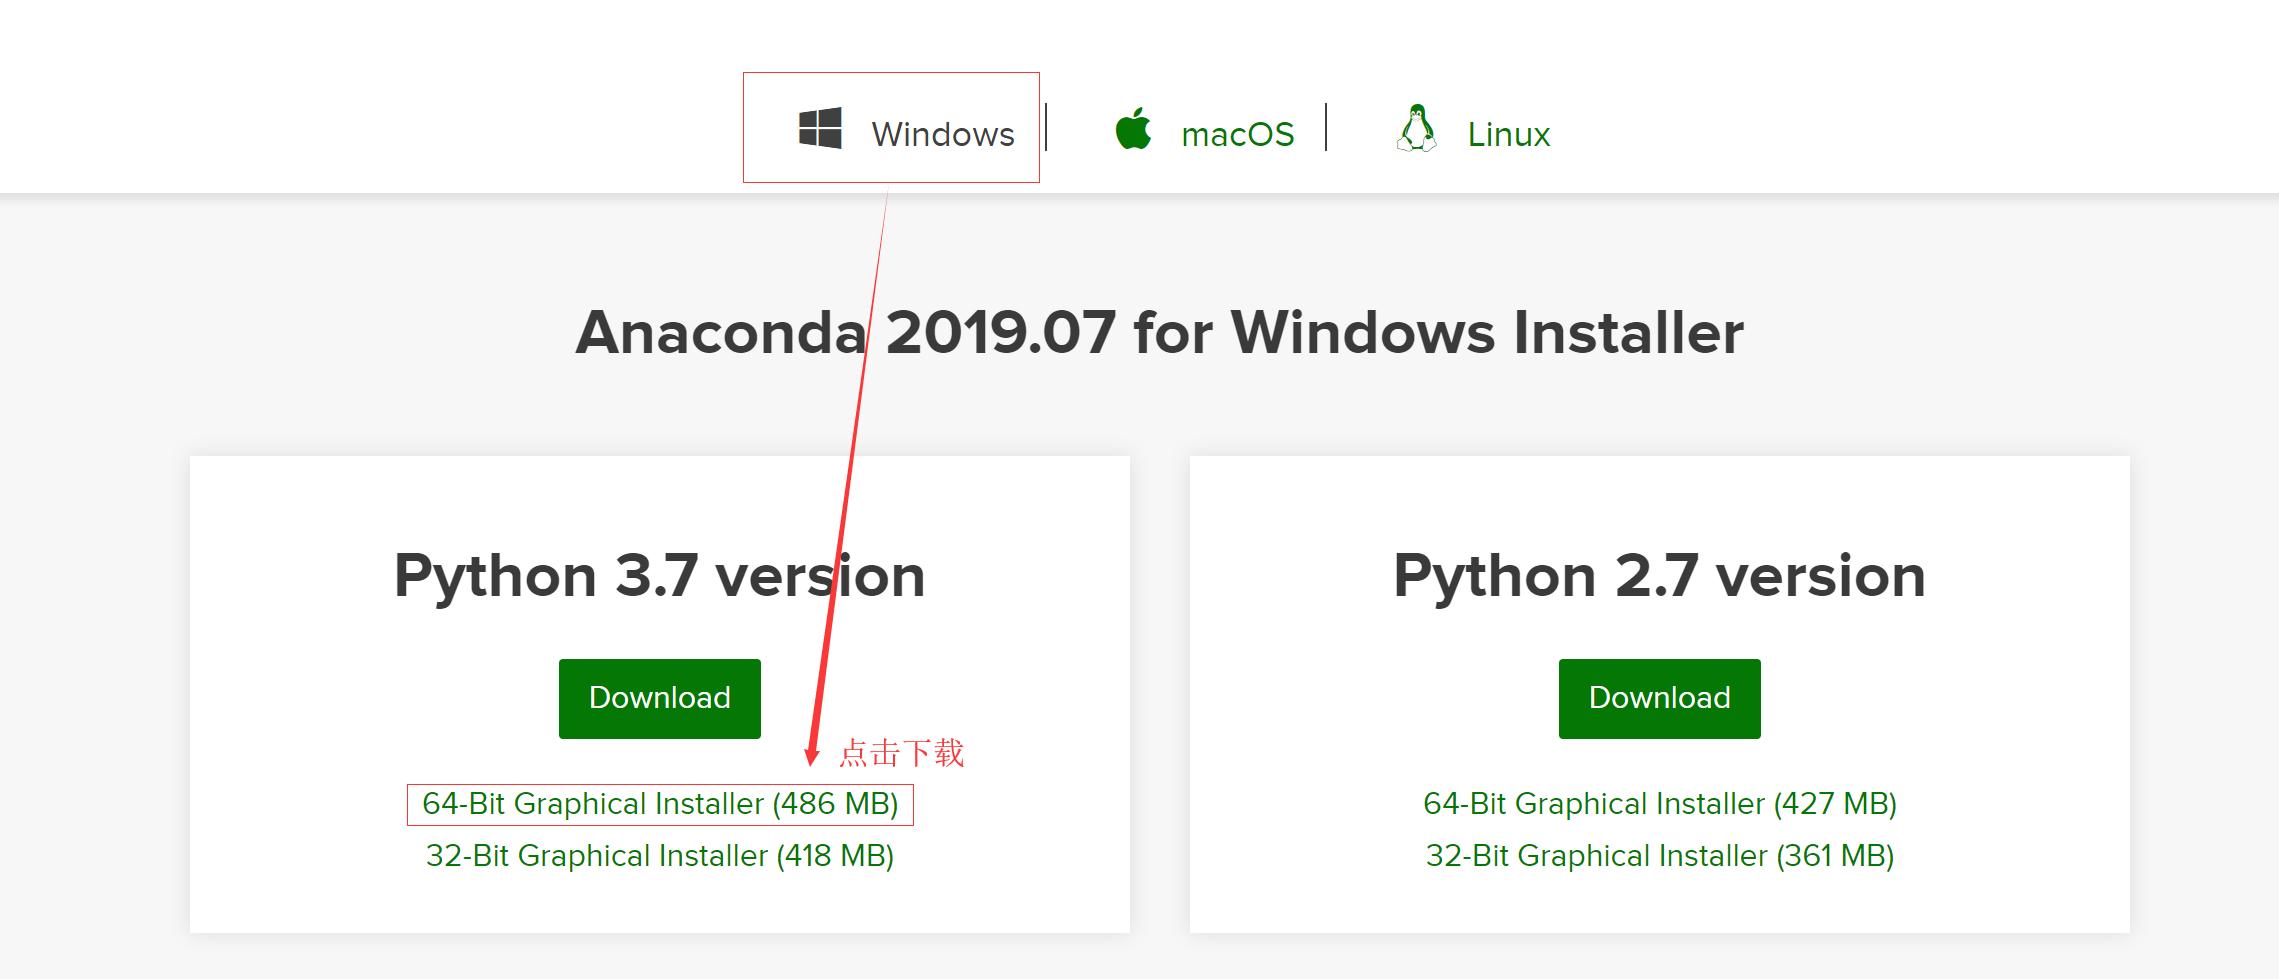 https://jfds-1252952517.cos.ap-chengdu.myqcloud.com/akshare/readme/anaconda/anaconda_download.png